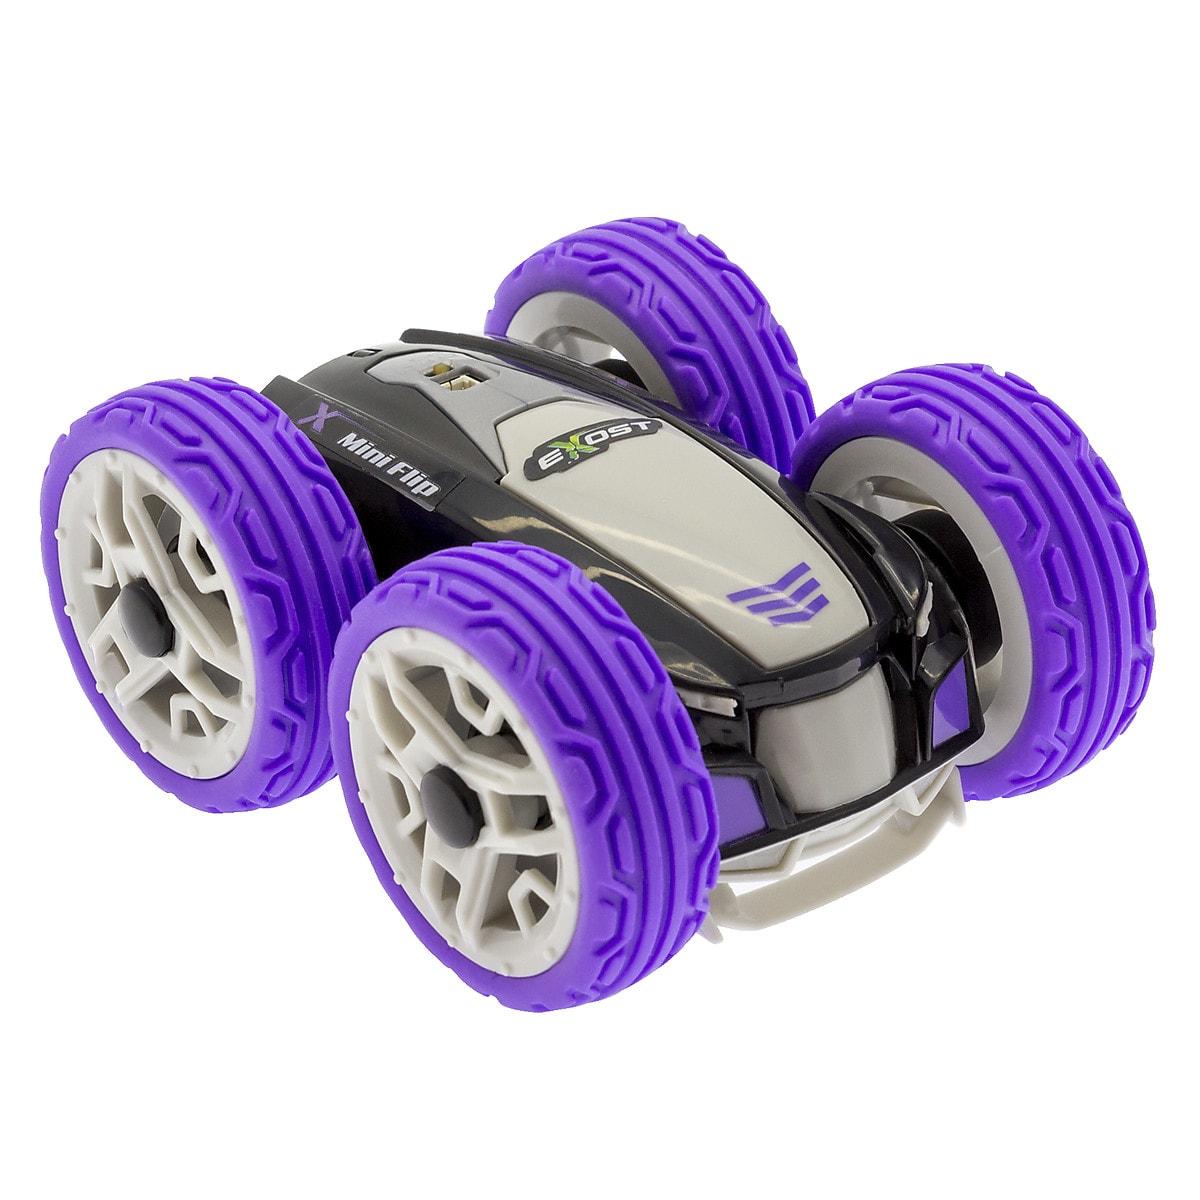 Exost 360 Mini Flip by Silverlit radiostyrt stuntbil